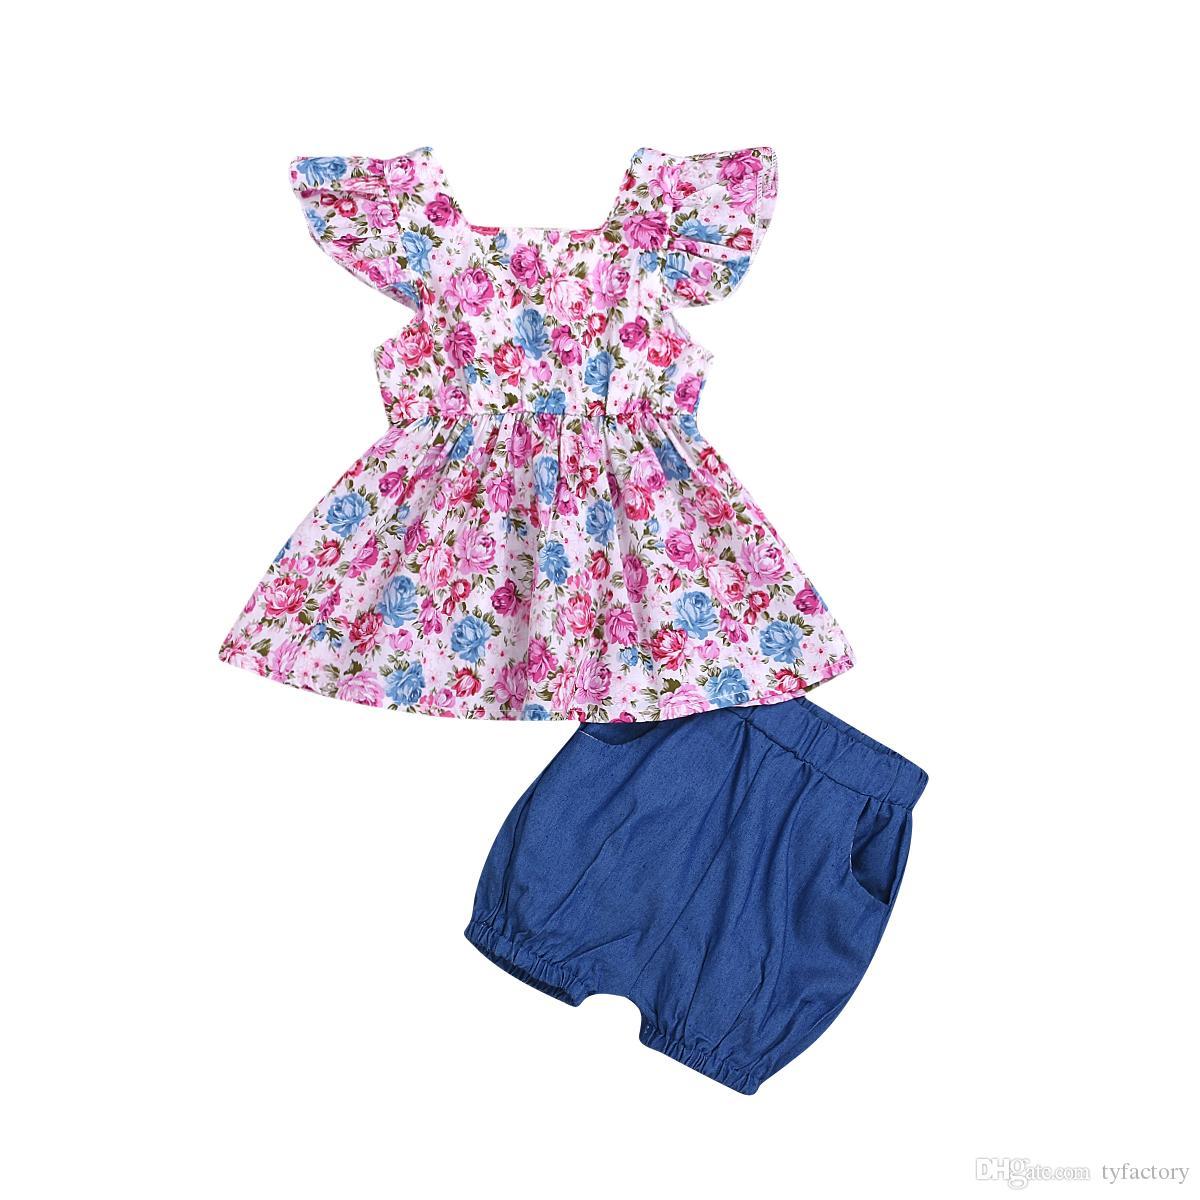 fiore New Kids neonata stampa Top + shorts in denim tutu delle ragazze dei pantaloni capretto del vestito Outfits Estate Bambini vestiti floreali